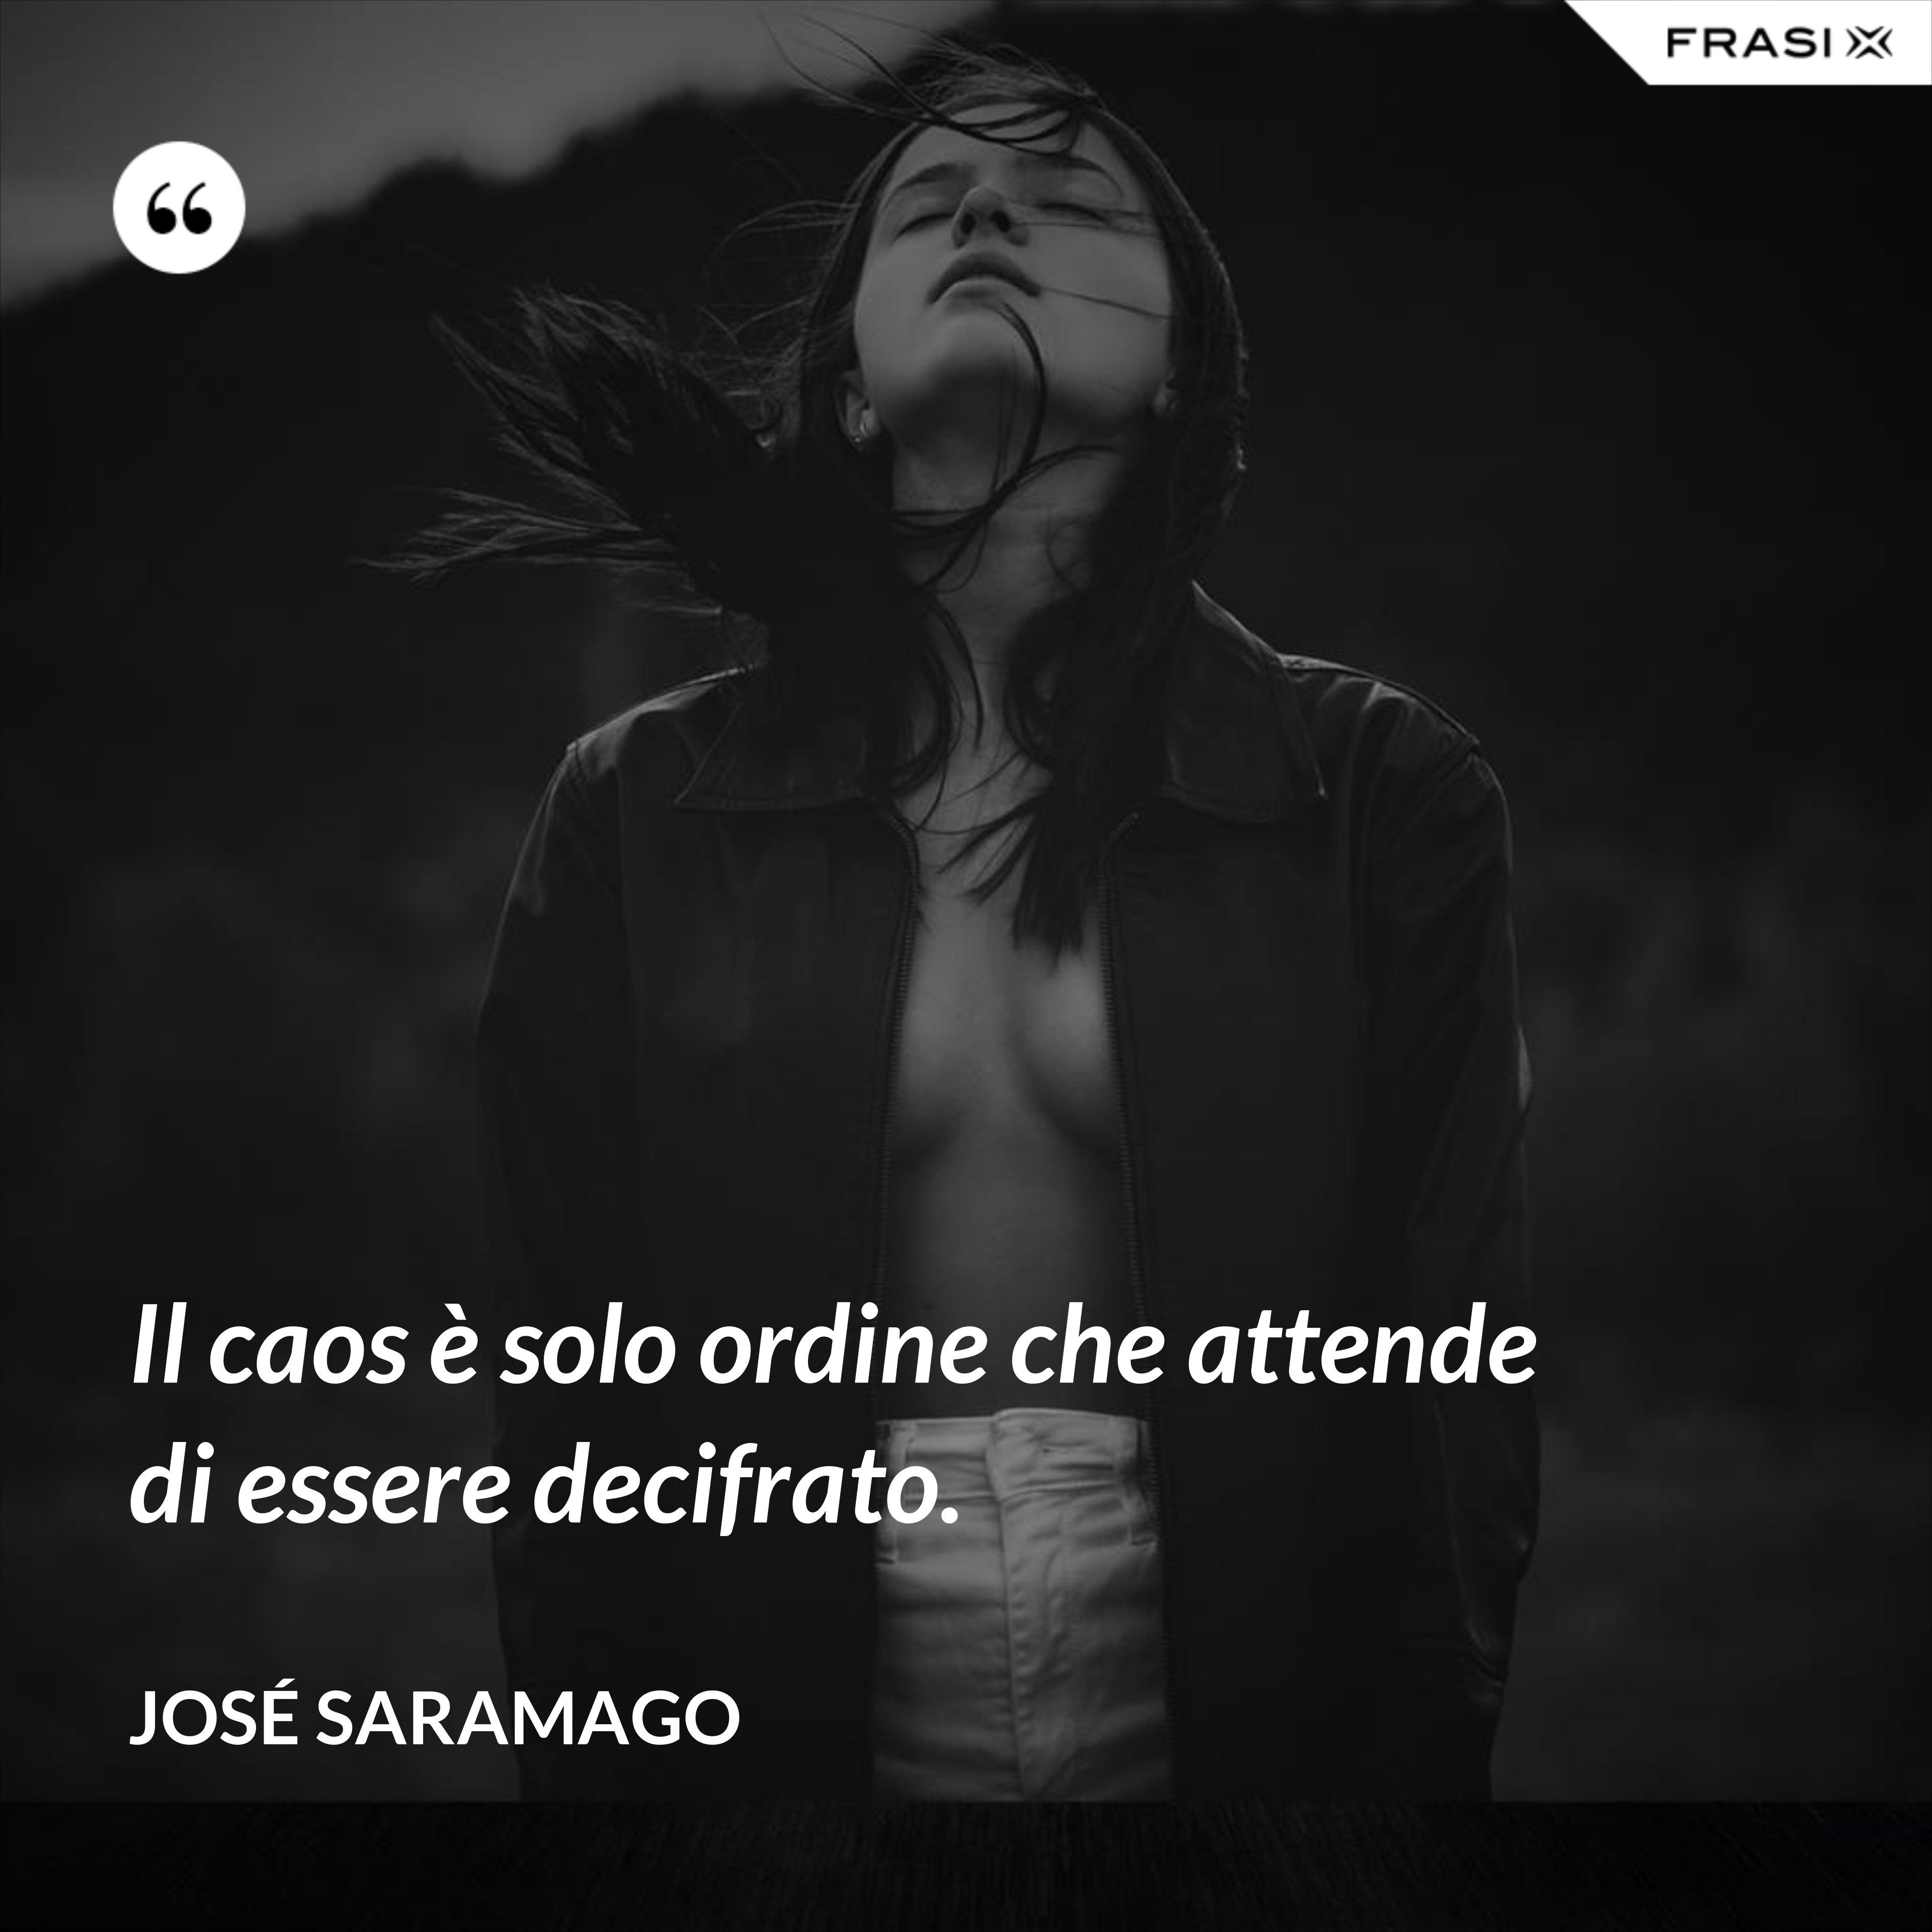 Il caos è solo ordine che attende di essere decifrato. - José Saramago